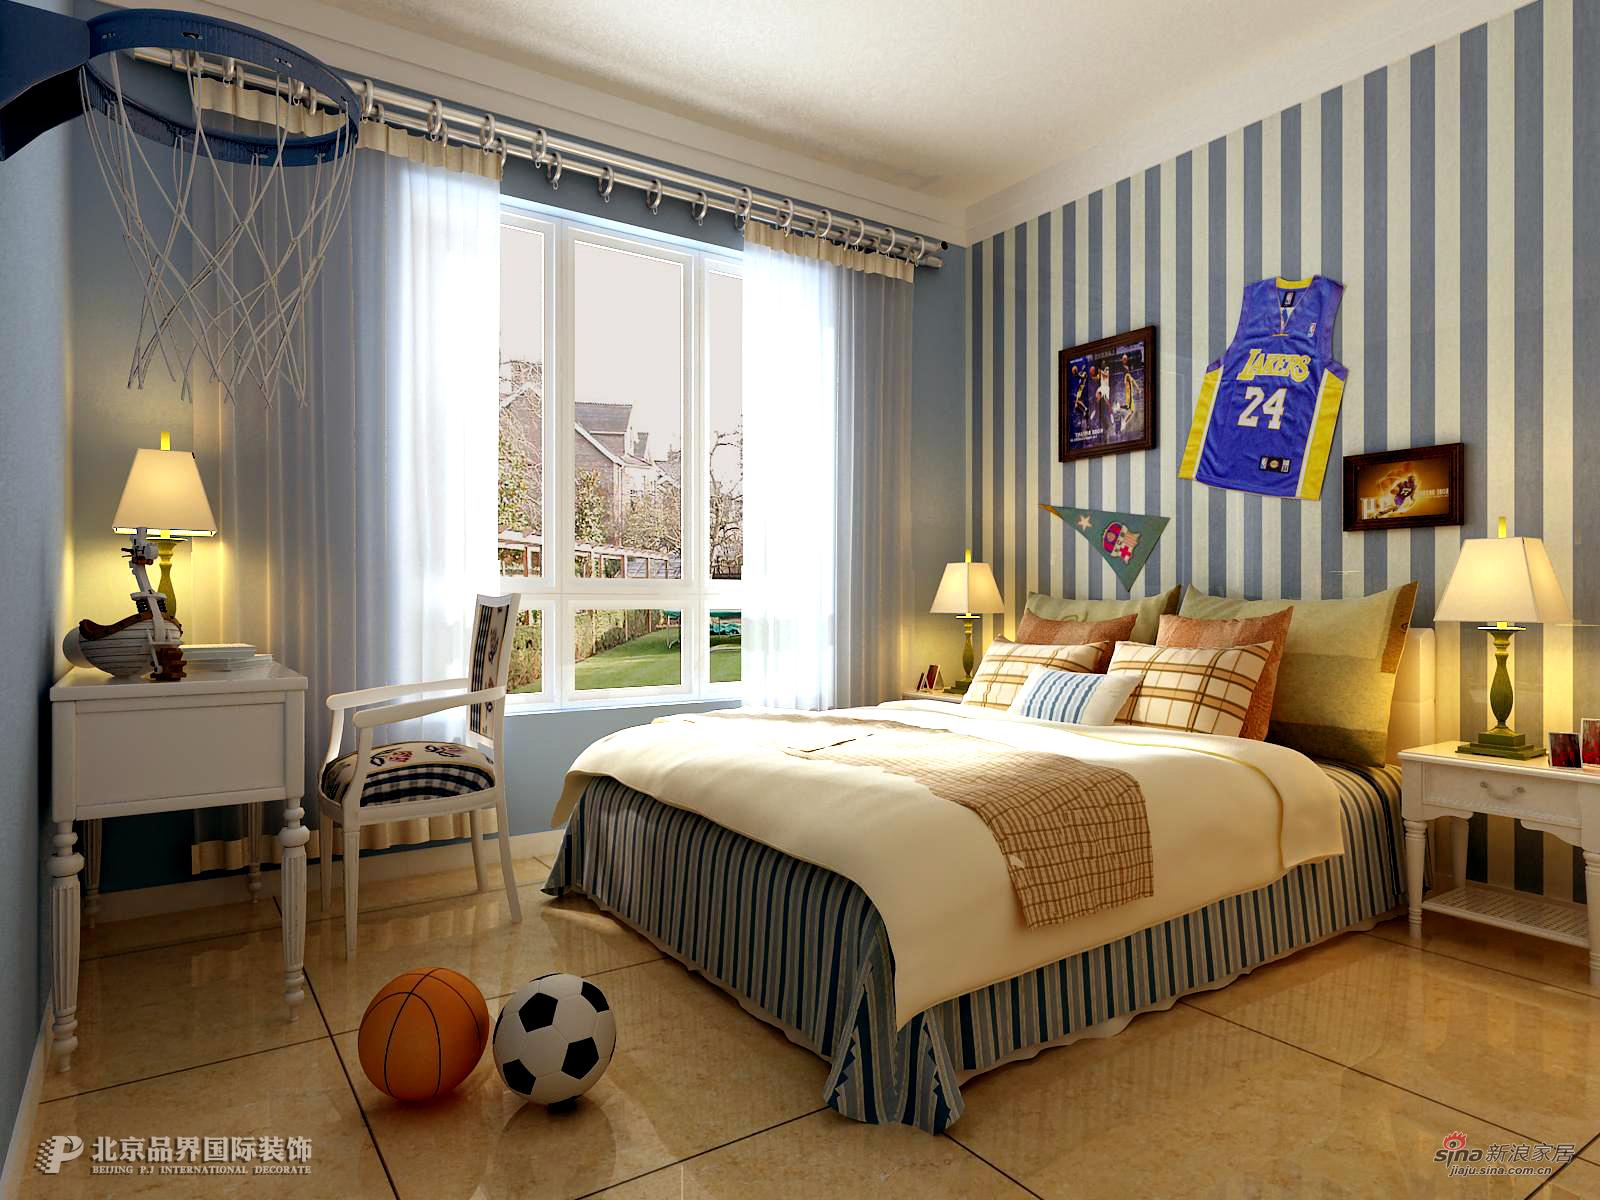 背景墙 房间 家居 起居室 设计 卧室 卧室装修 现代 装修 1600_1200图片